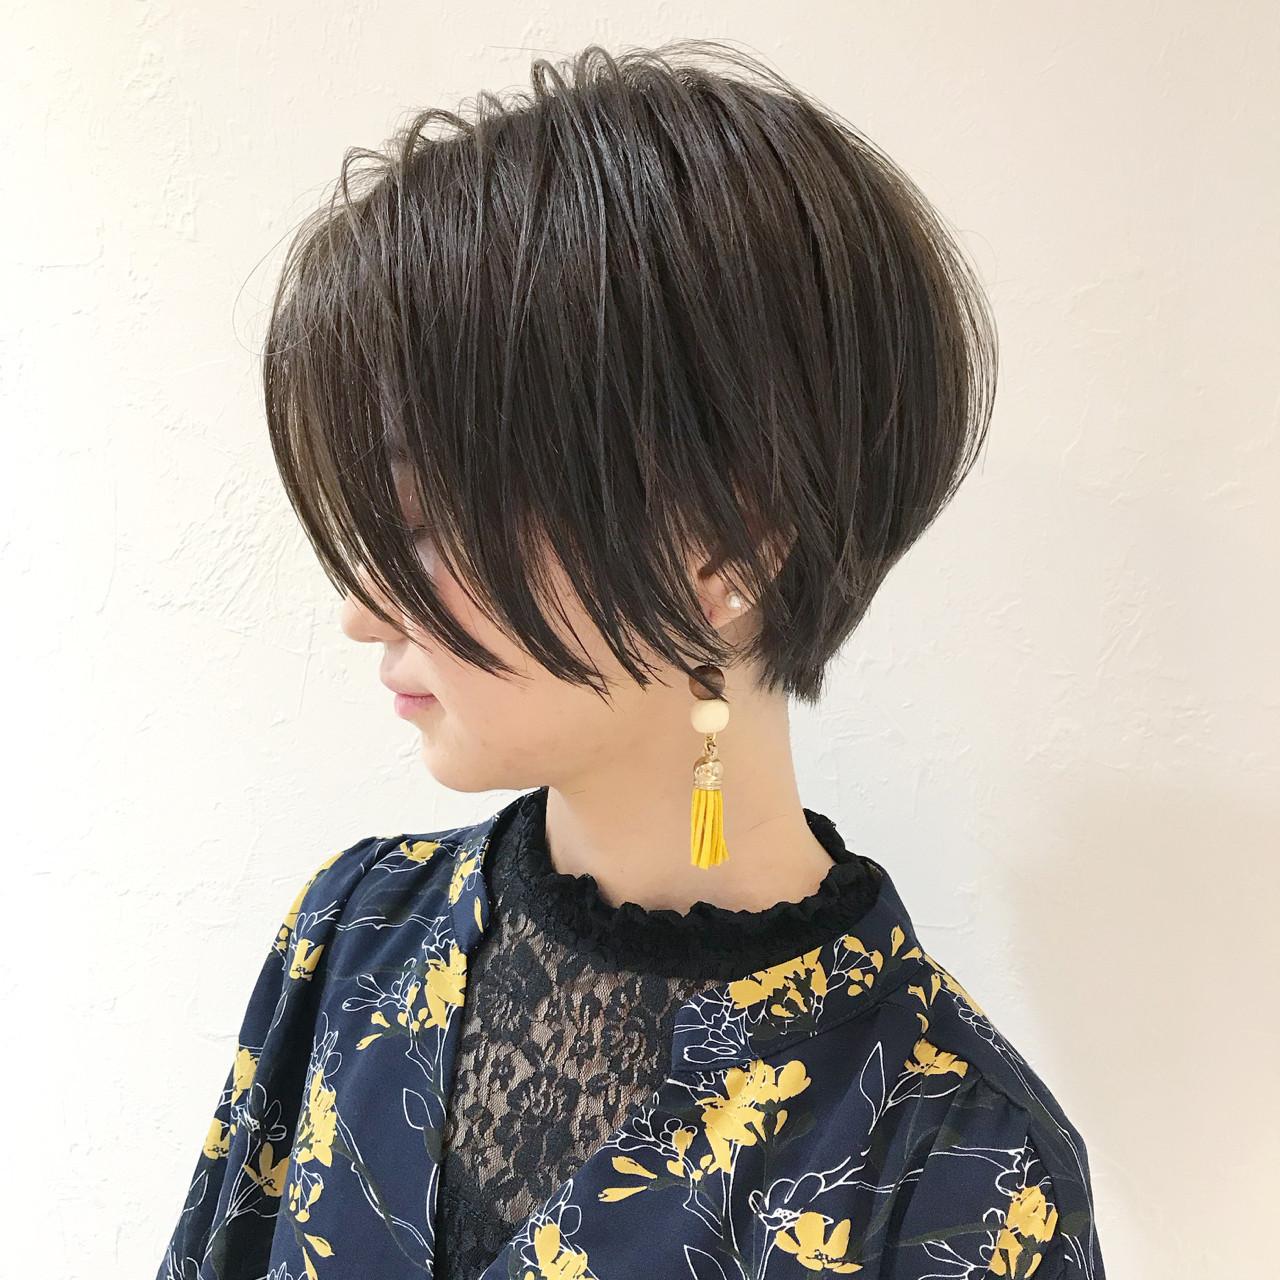 レディース必見!話題の髪型「マニッシュショート」のヘアカタログ♡の30枚目の画像